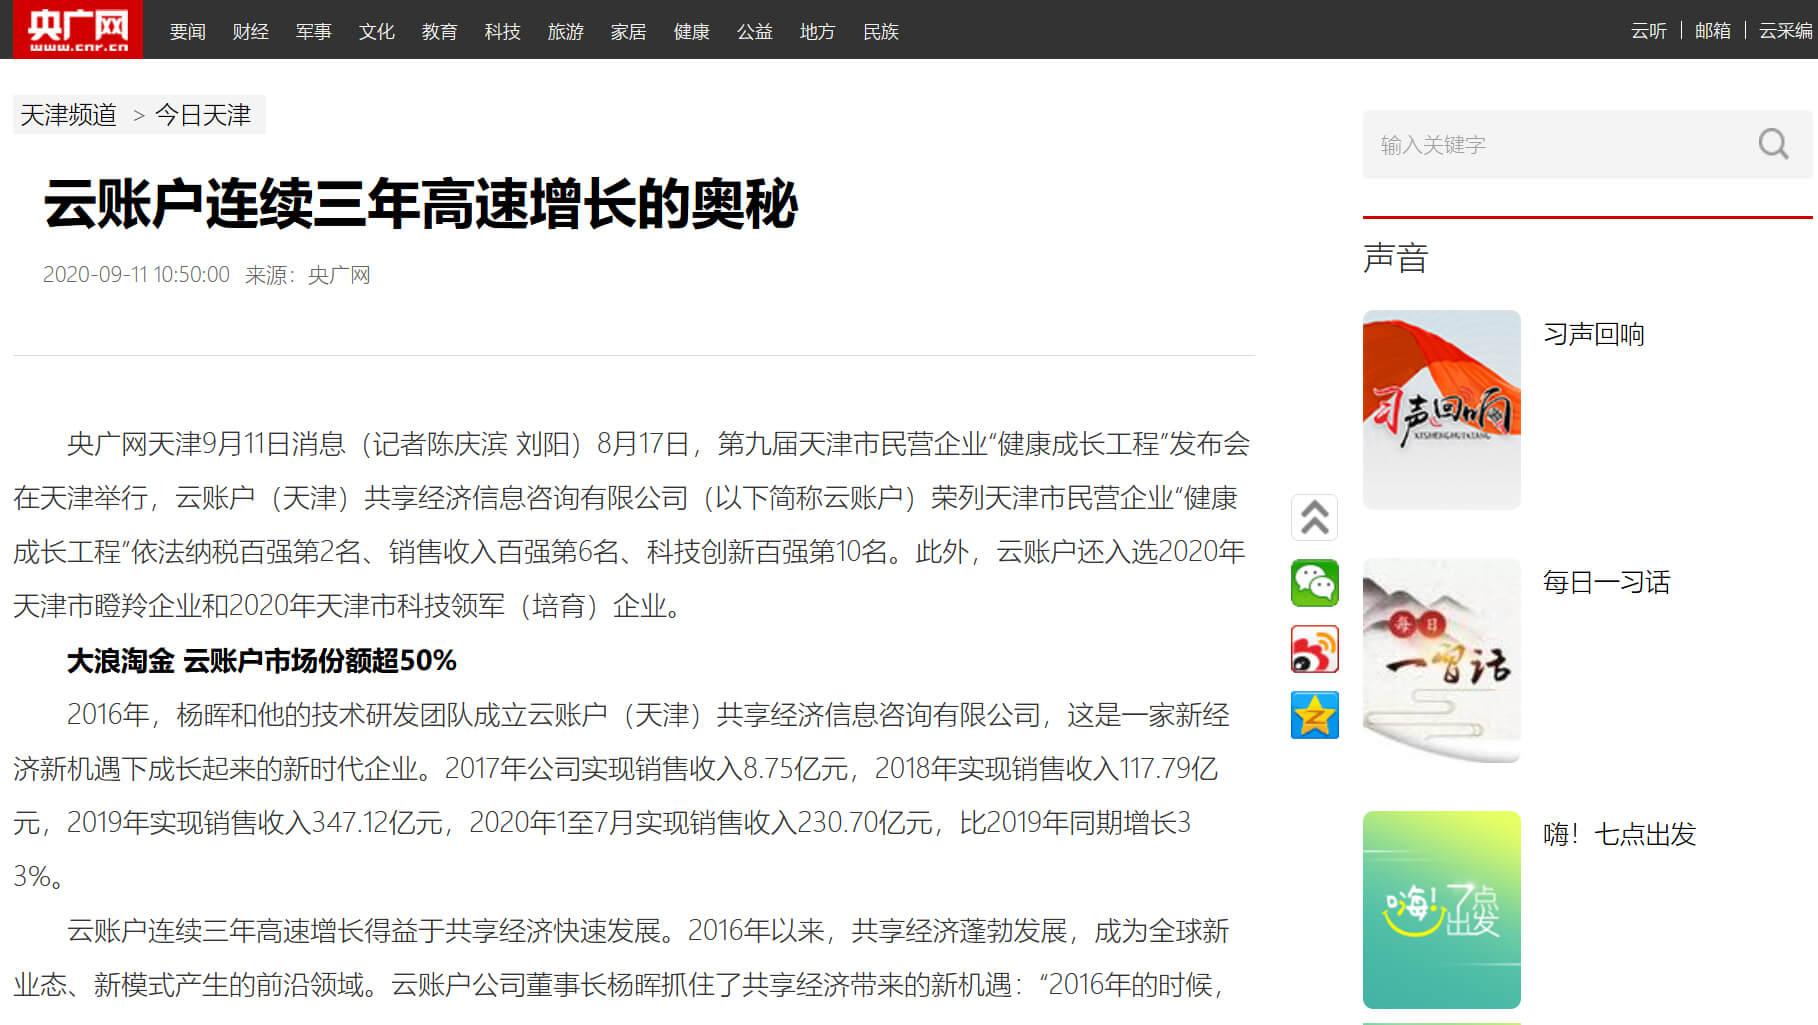 央广网:依托共享经济蓬勃发展 云账户连续三年保持增长